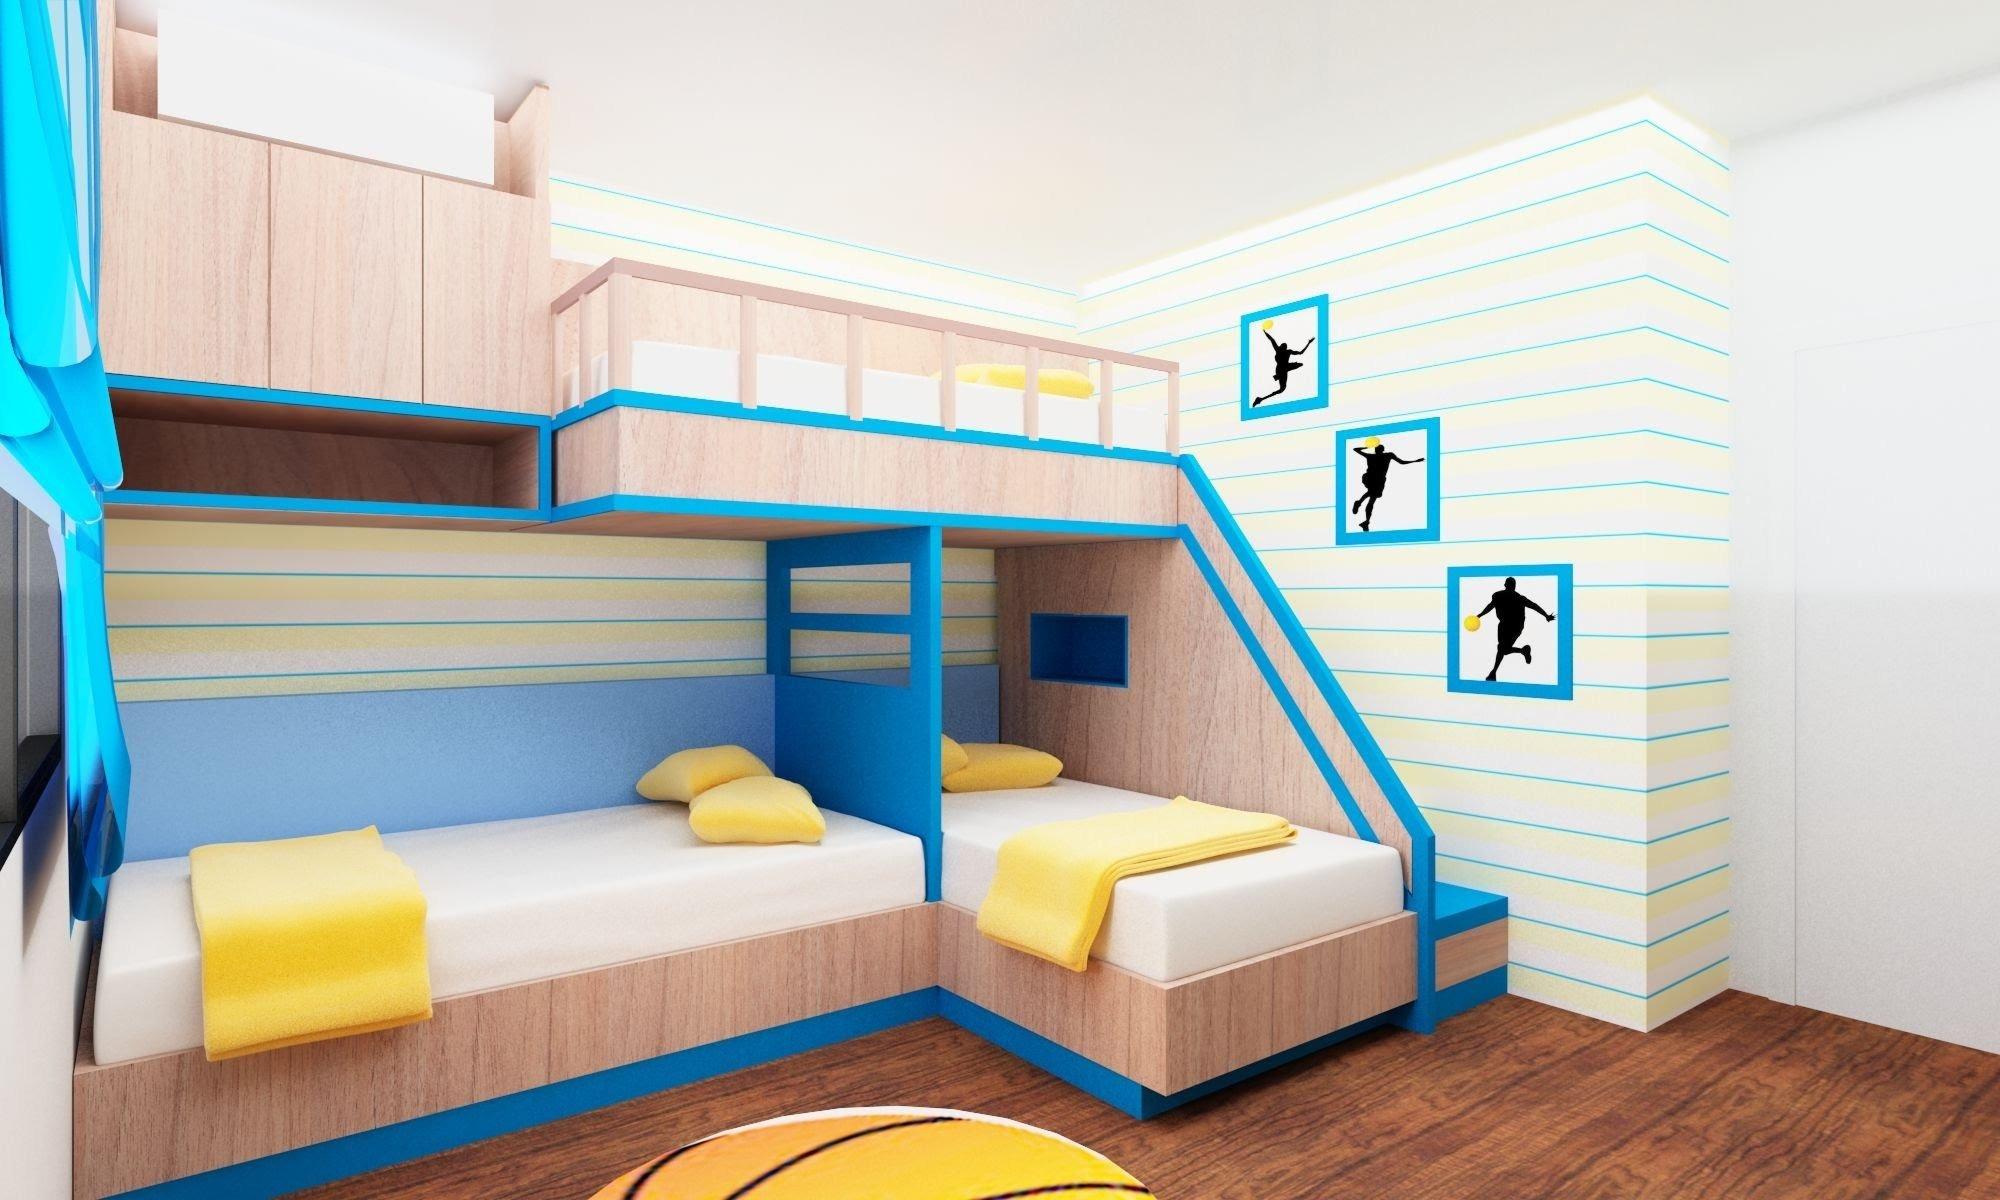 Kinderzimmer Gestaltung - Zwei-stockiges Bett für drei